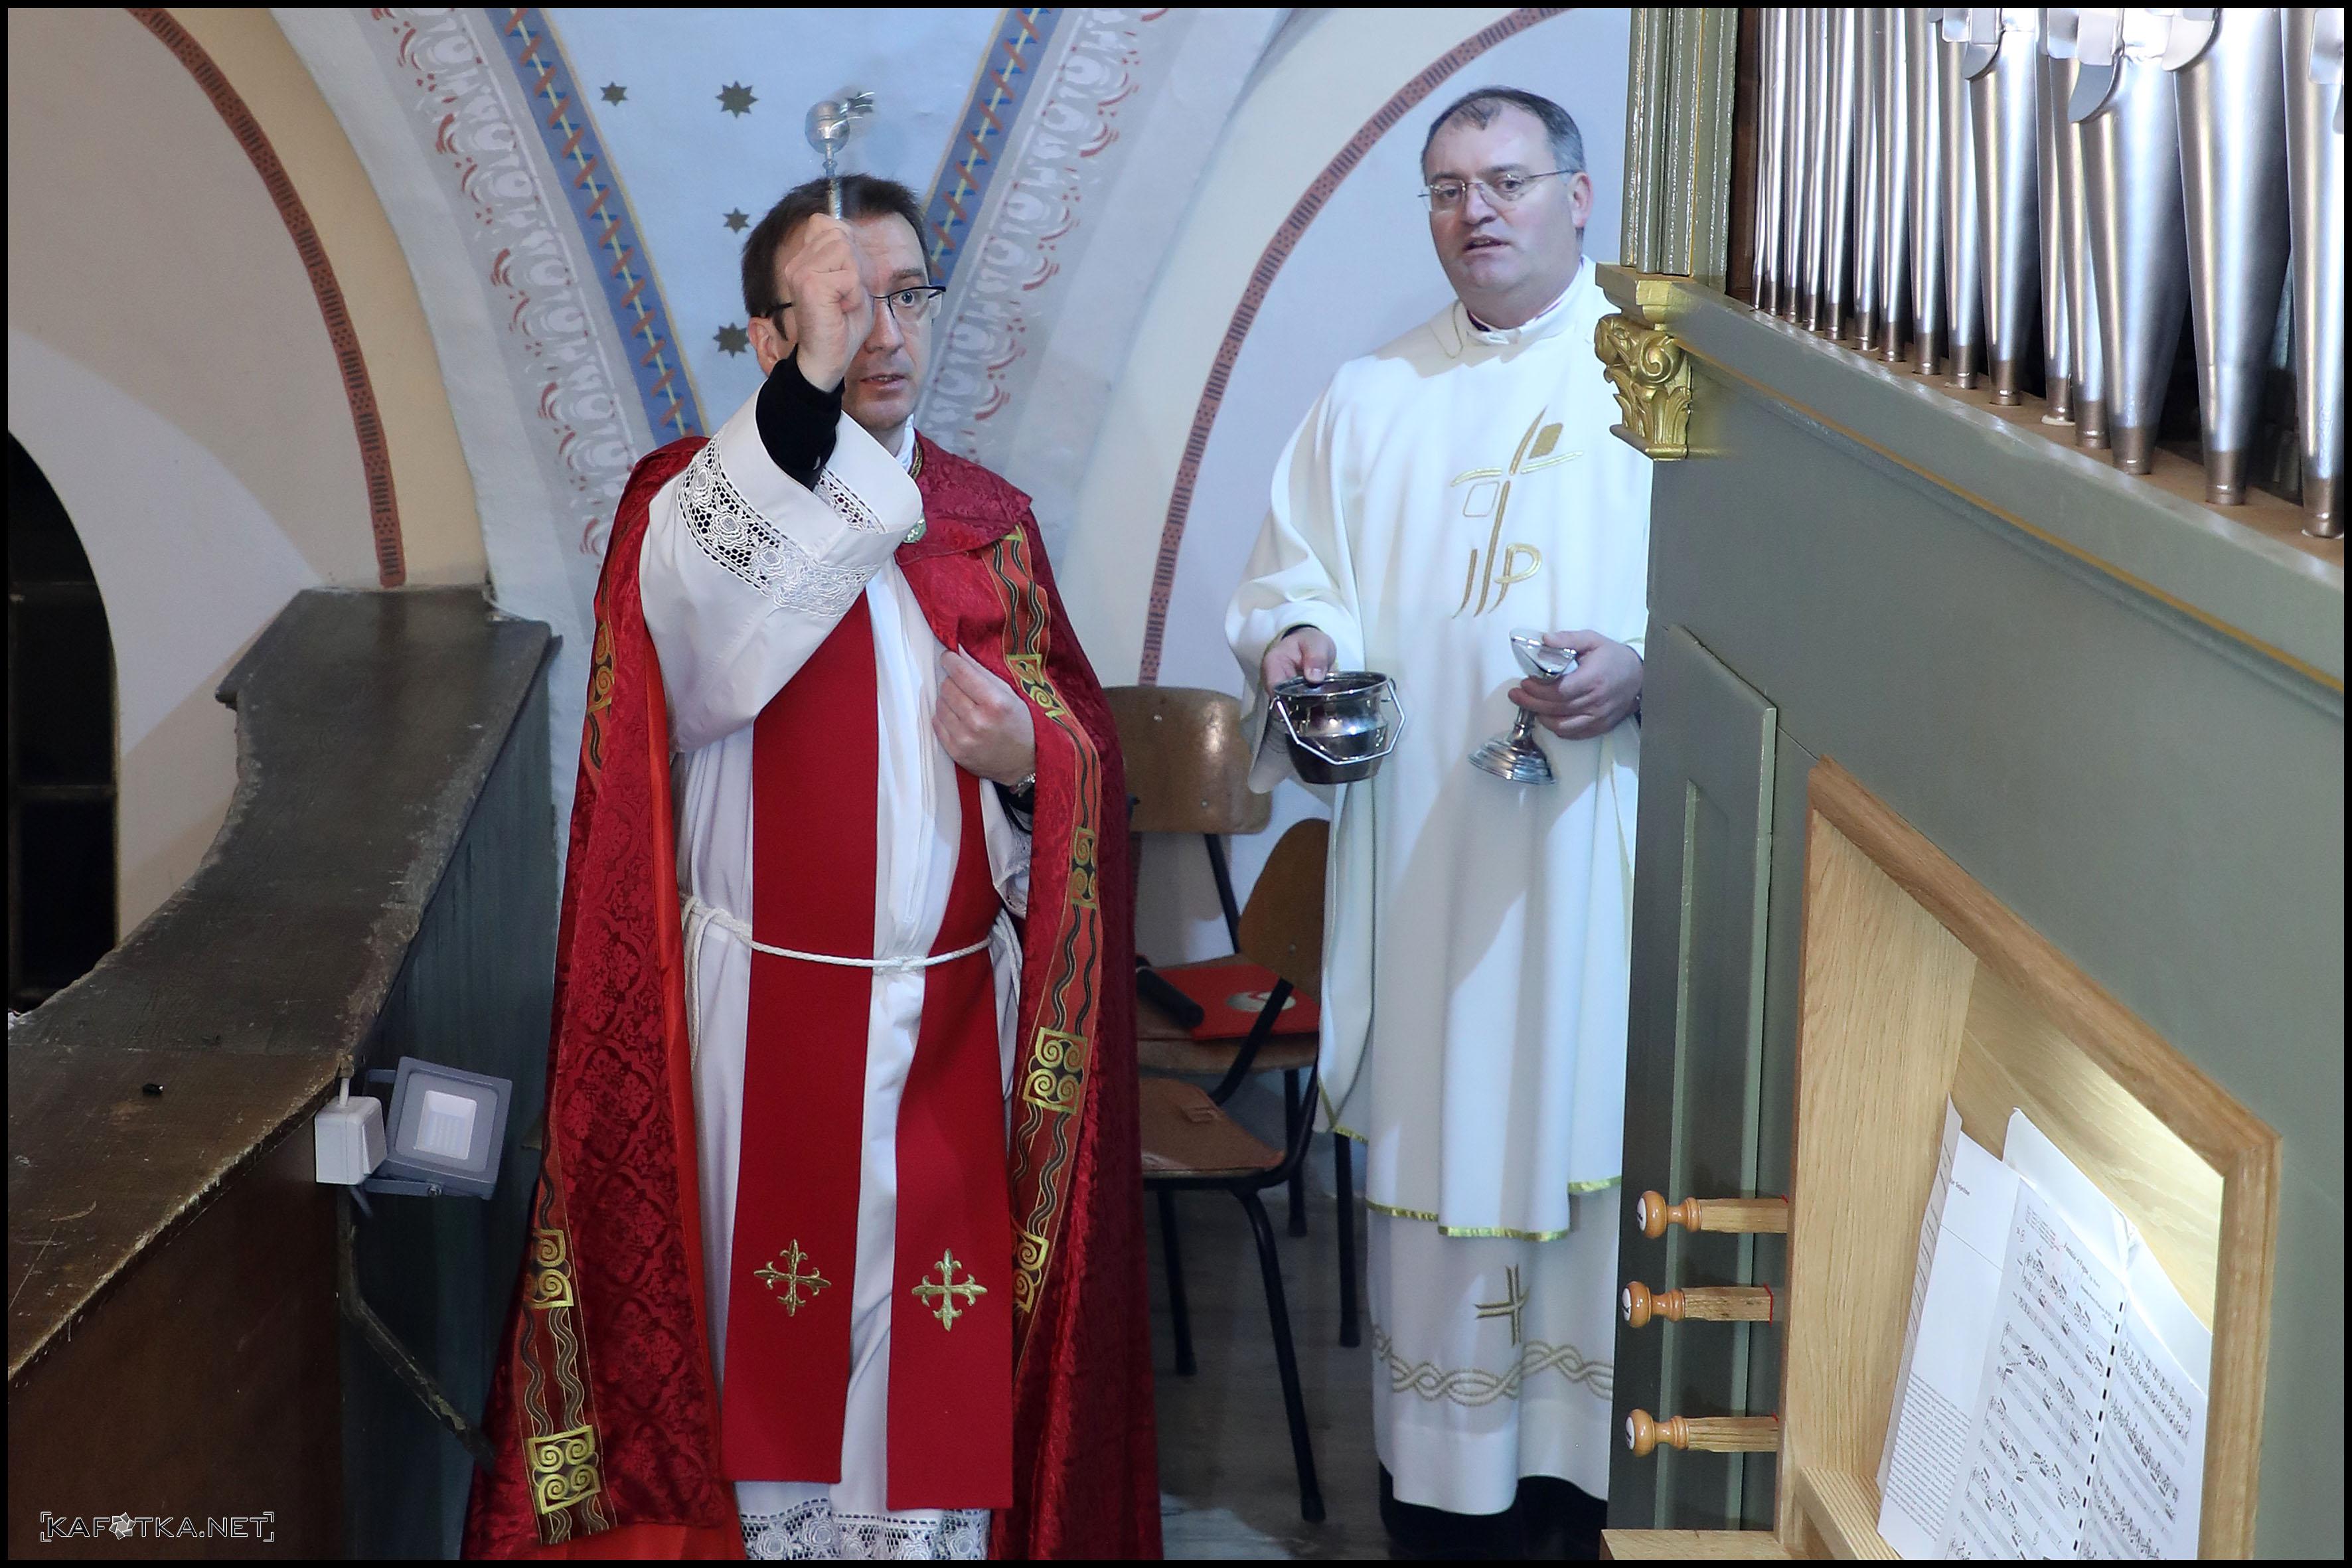 Kolaudacija obnovljenih orgulja u crkvi Majke Božje Snježne u Karlovcu 30. 11. 2017.